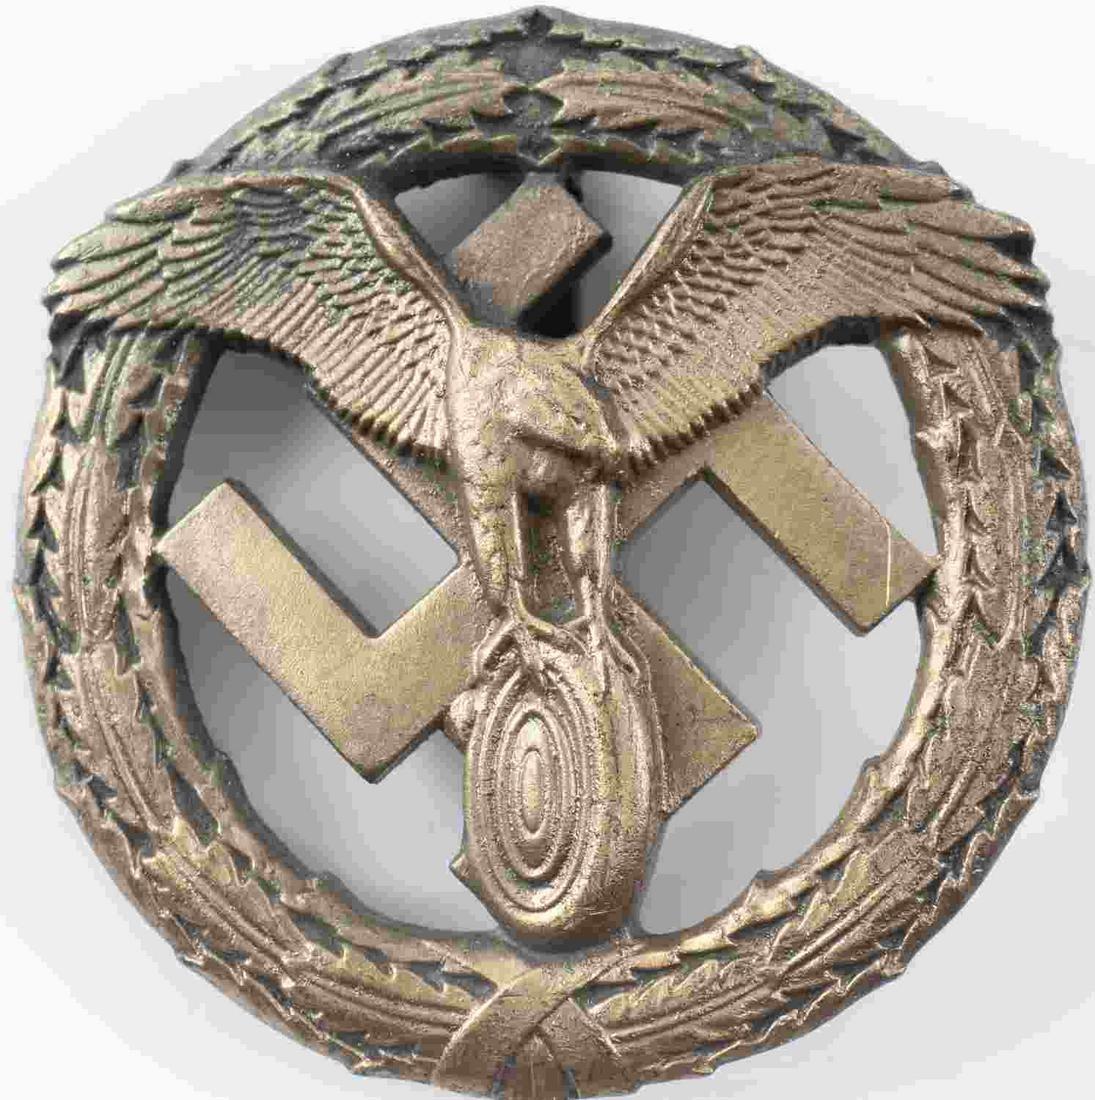 WWII GERMAN THIRD REICH MOTOR SPORT GOLD BADGE